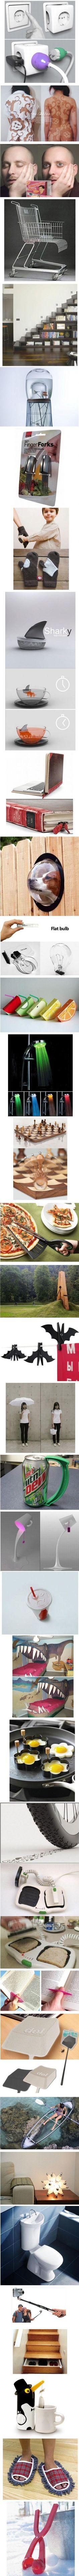 Wynalazki genialne w swojej prostocie